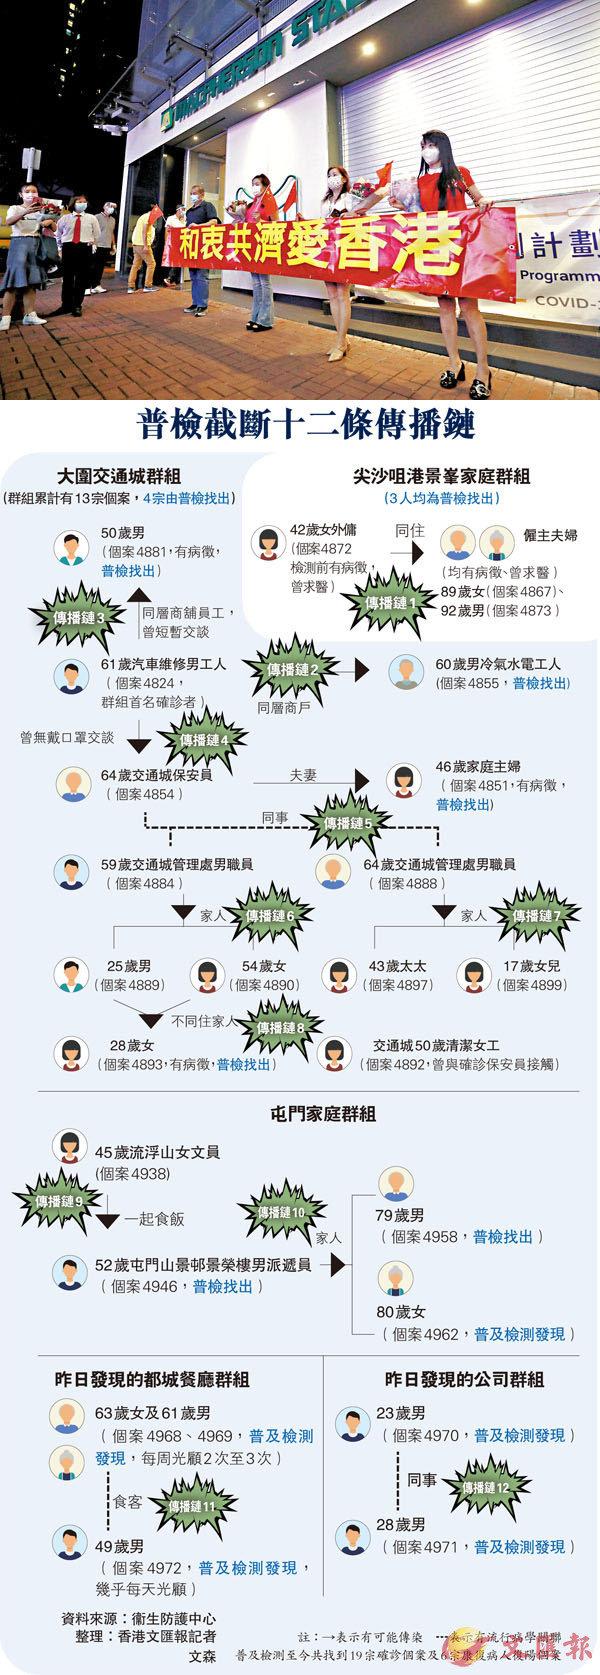 ■晚上有市民拉橫額致意,寫上「和衷共濟愛香港」。 香港文匯報記者  攝